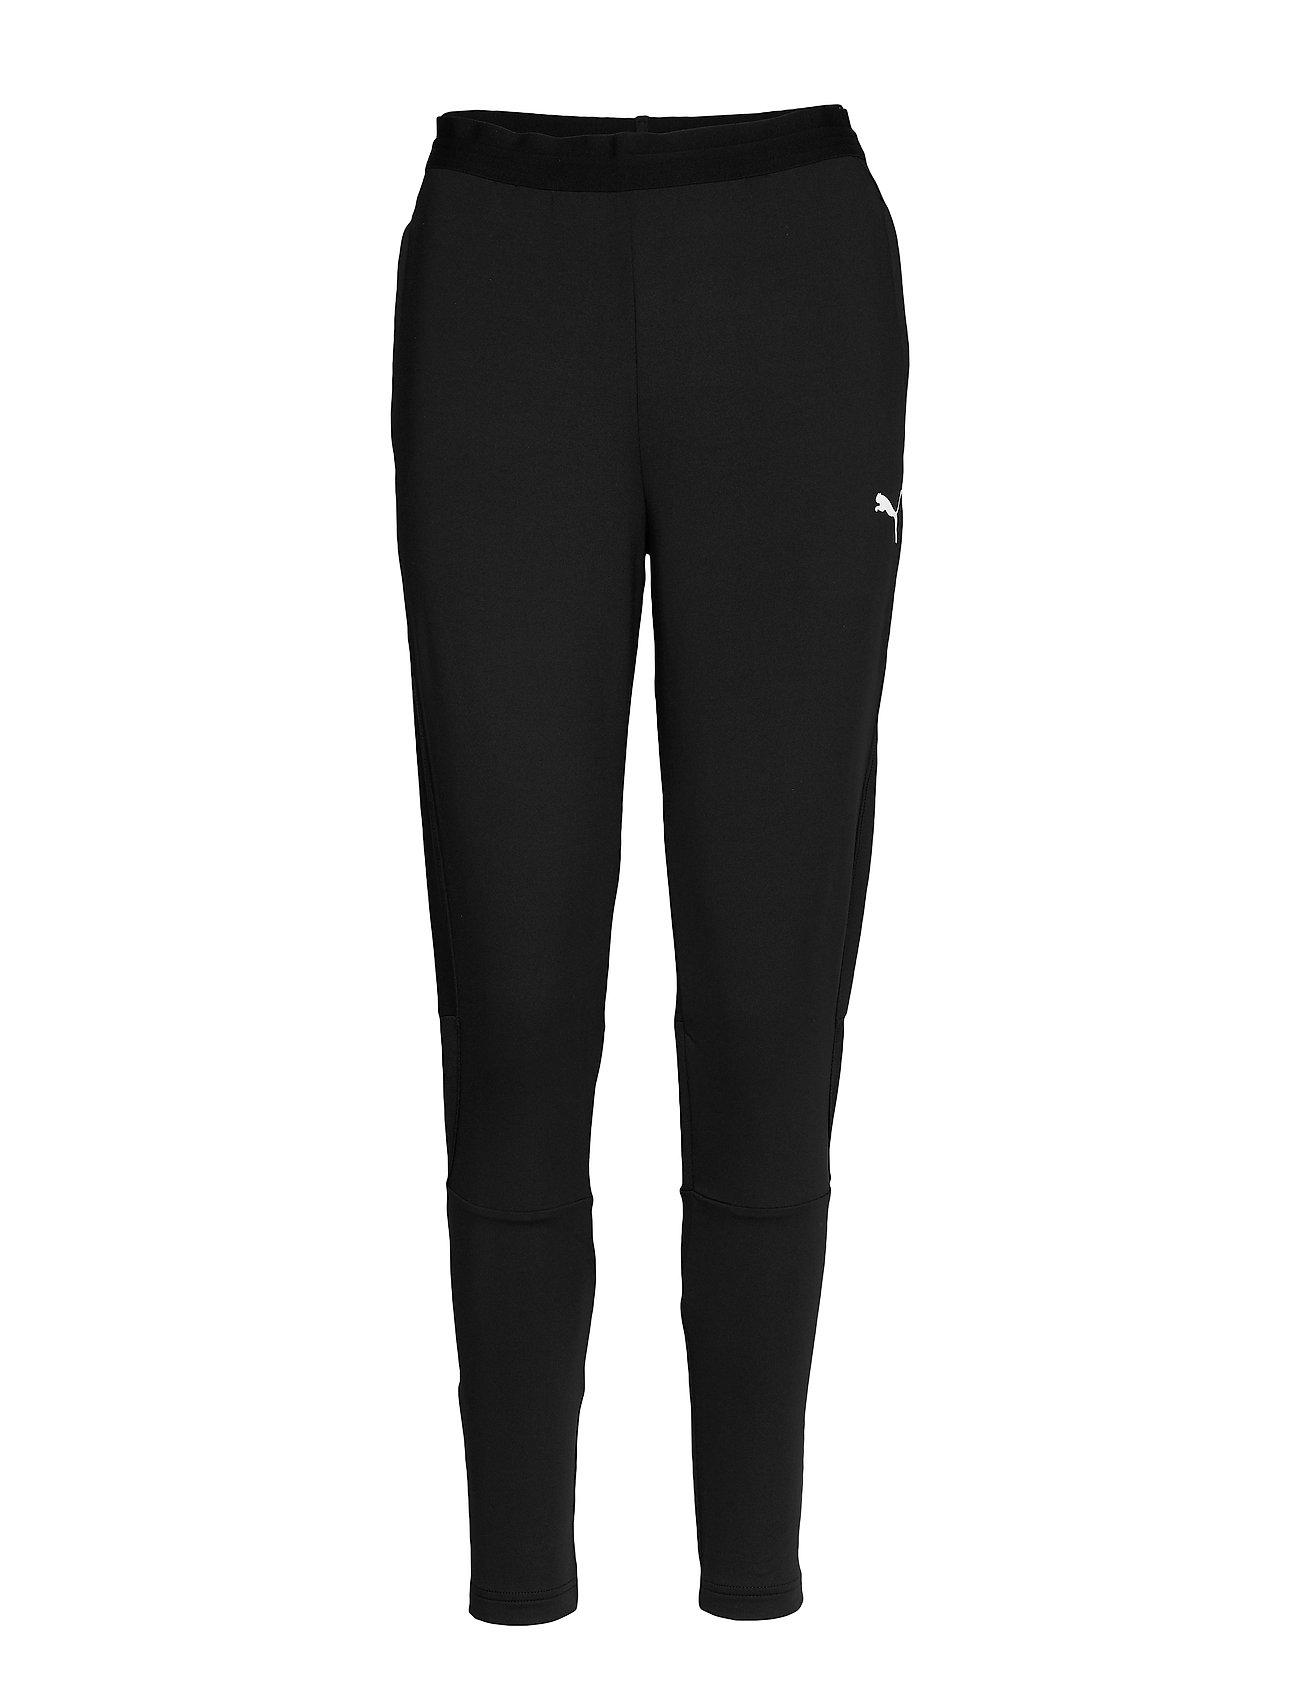 PUMA LIGA Training Pants W - PUMA BLACK-PUMA WHITE